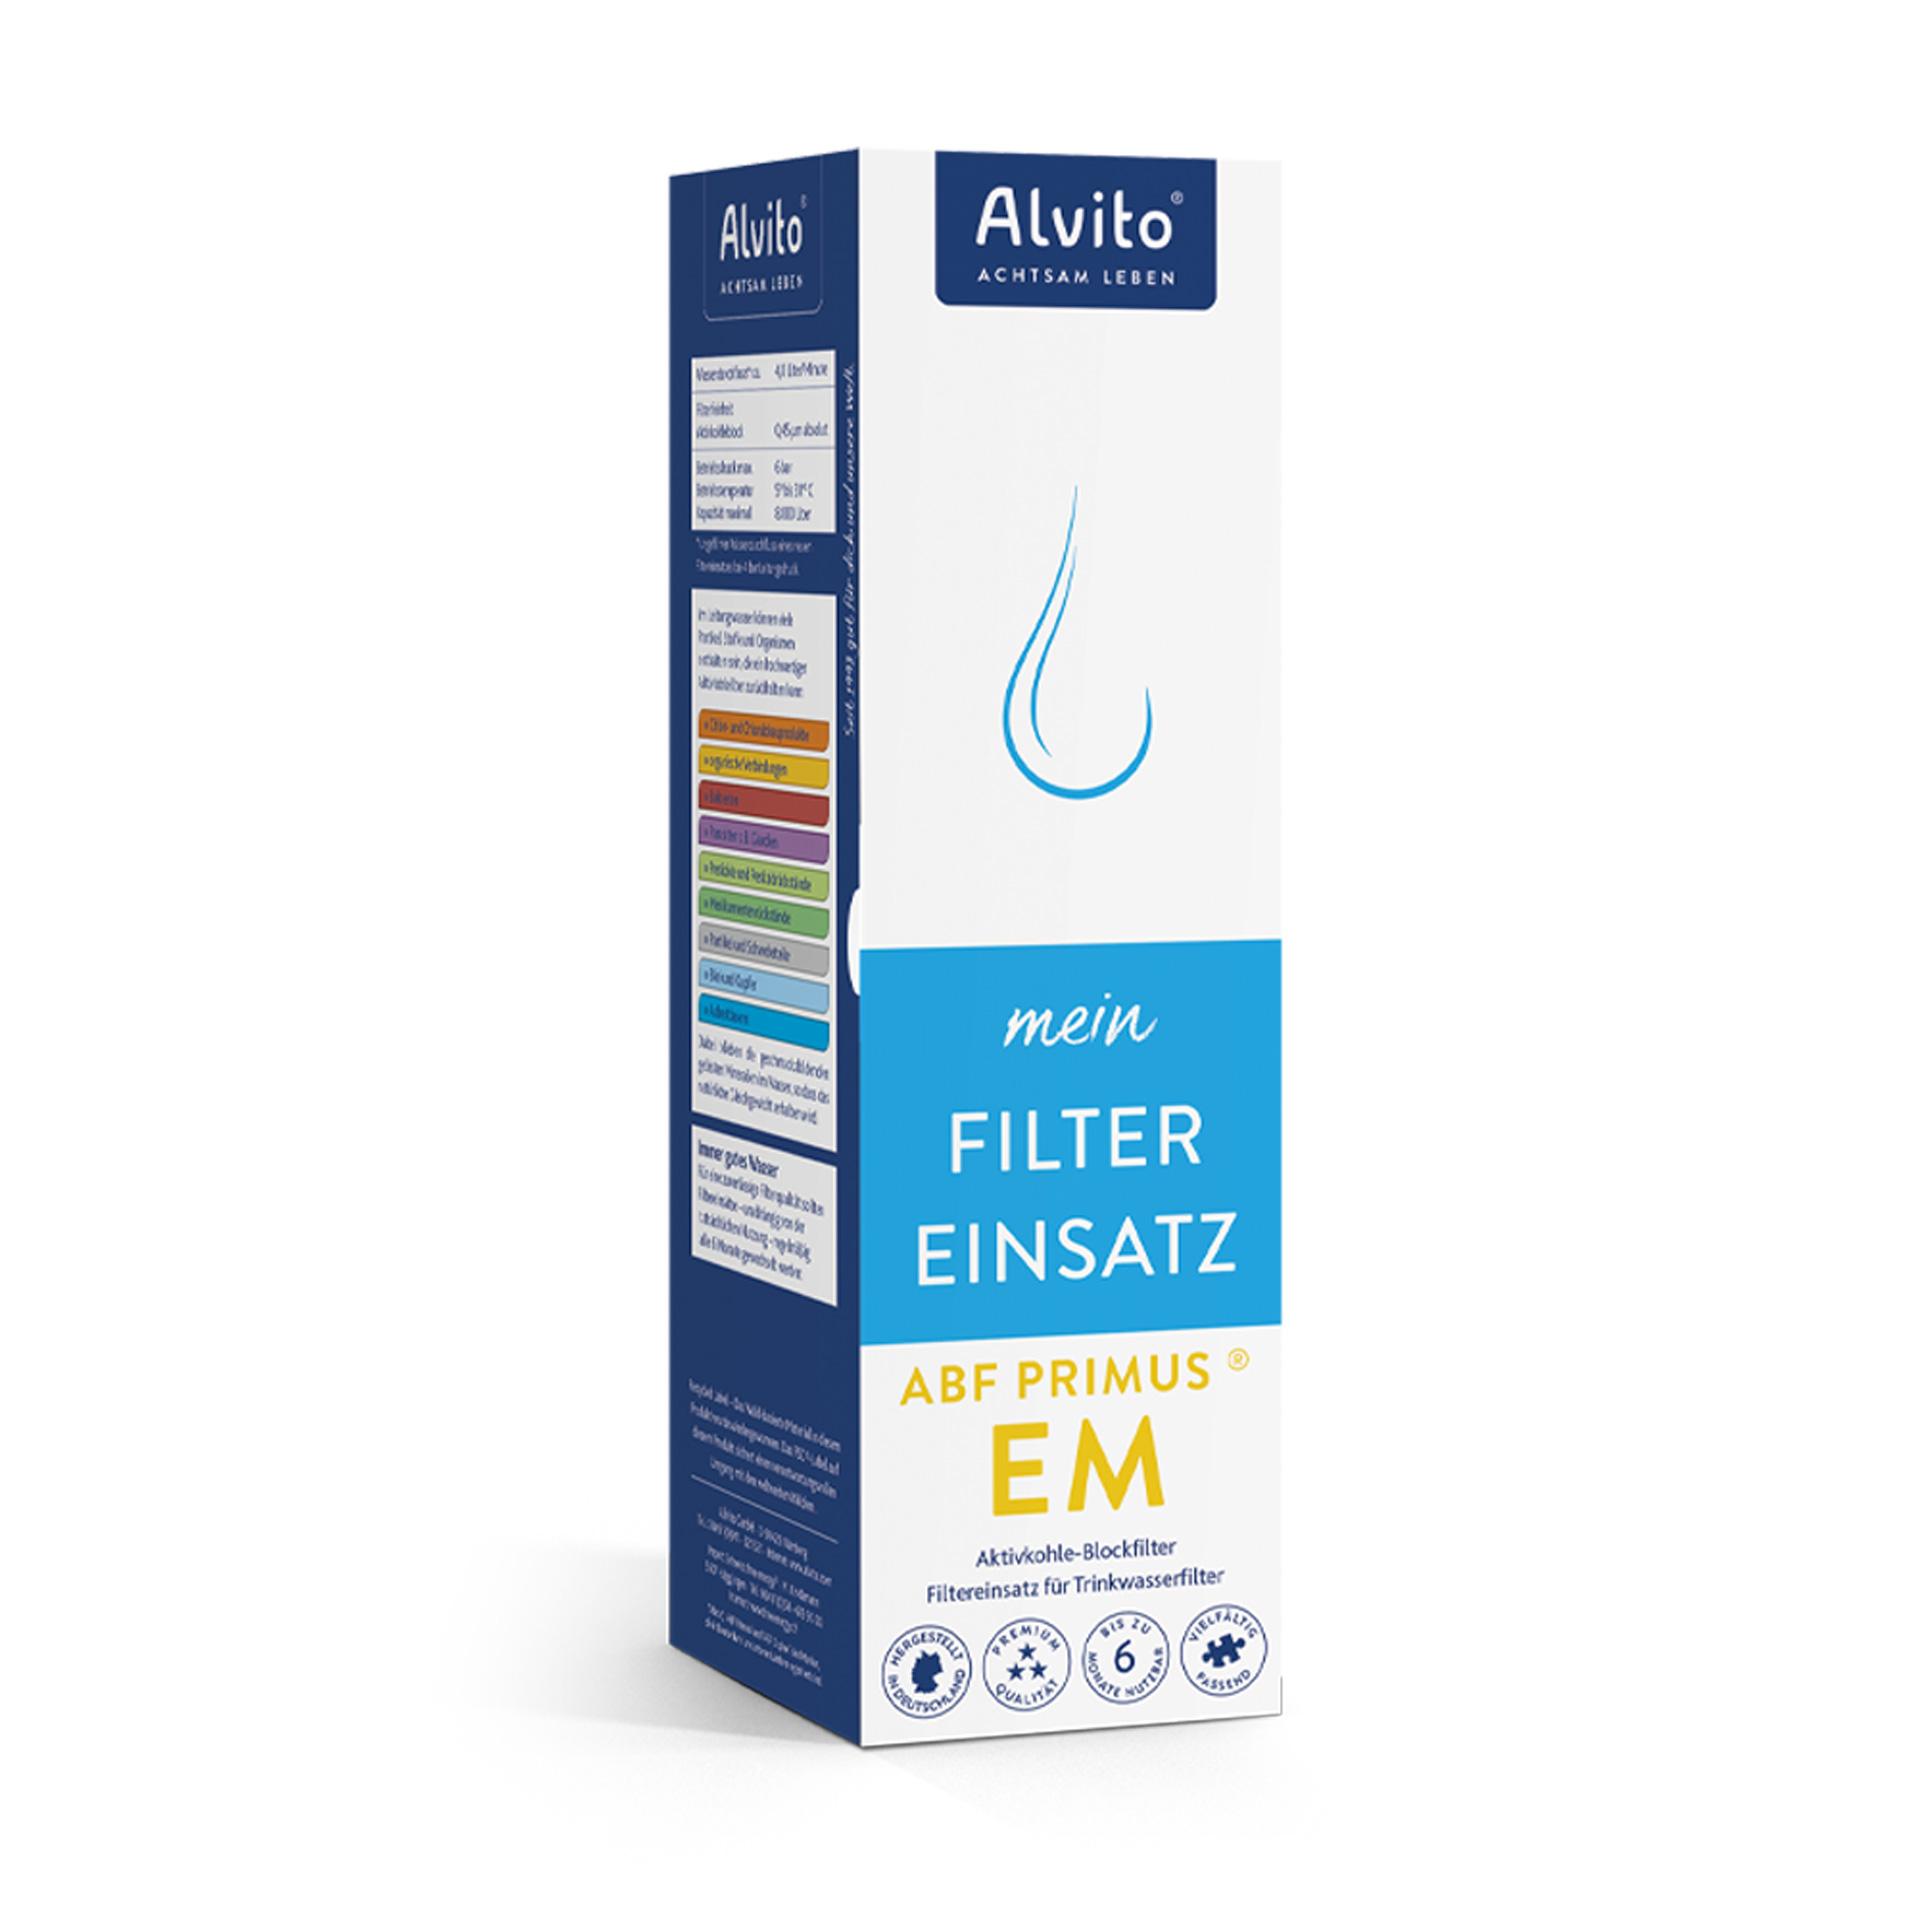 Alvito Filtereinsatz ABF Primus EM